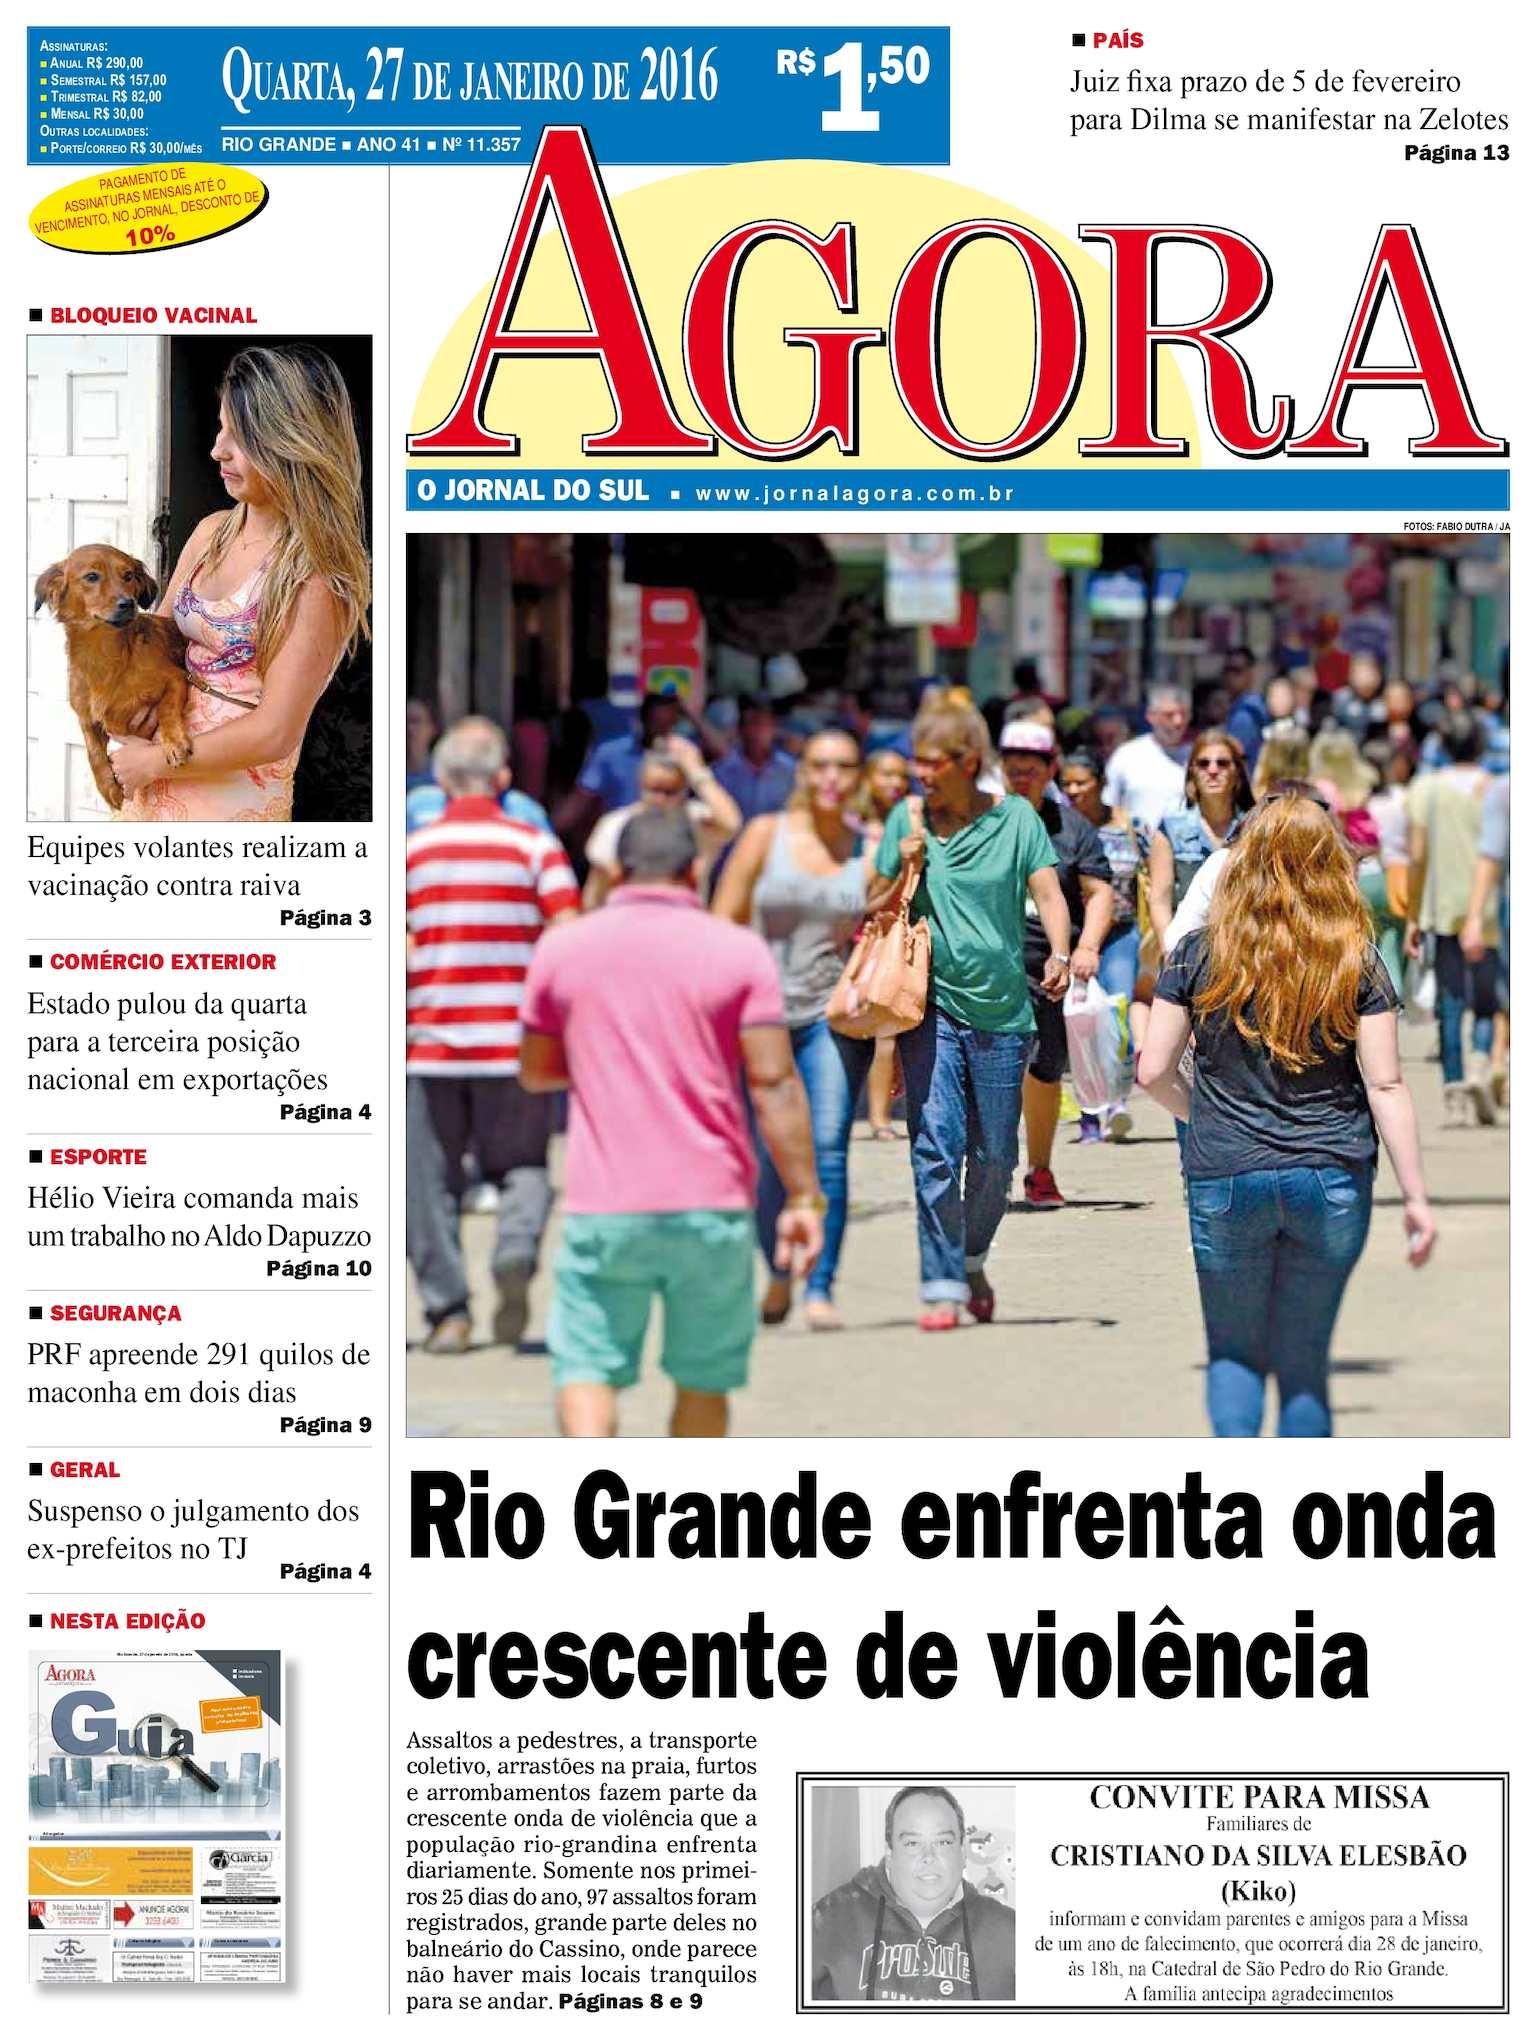 fd12e947ce2 Calaméo - Jornal Agora - Edição 11357 - 27 de Janeiro de 2016